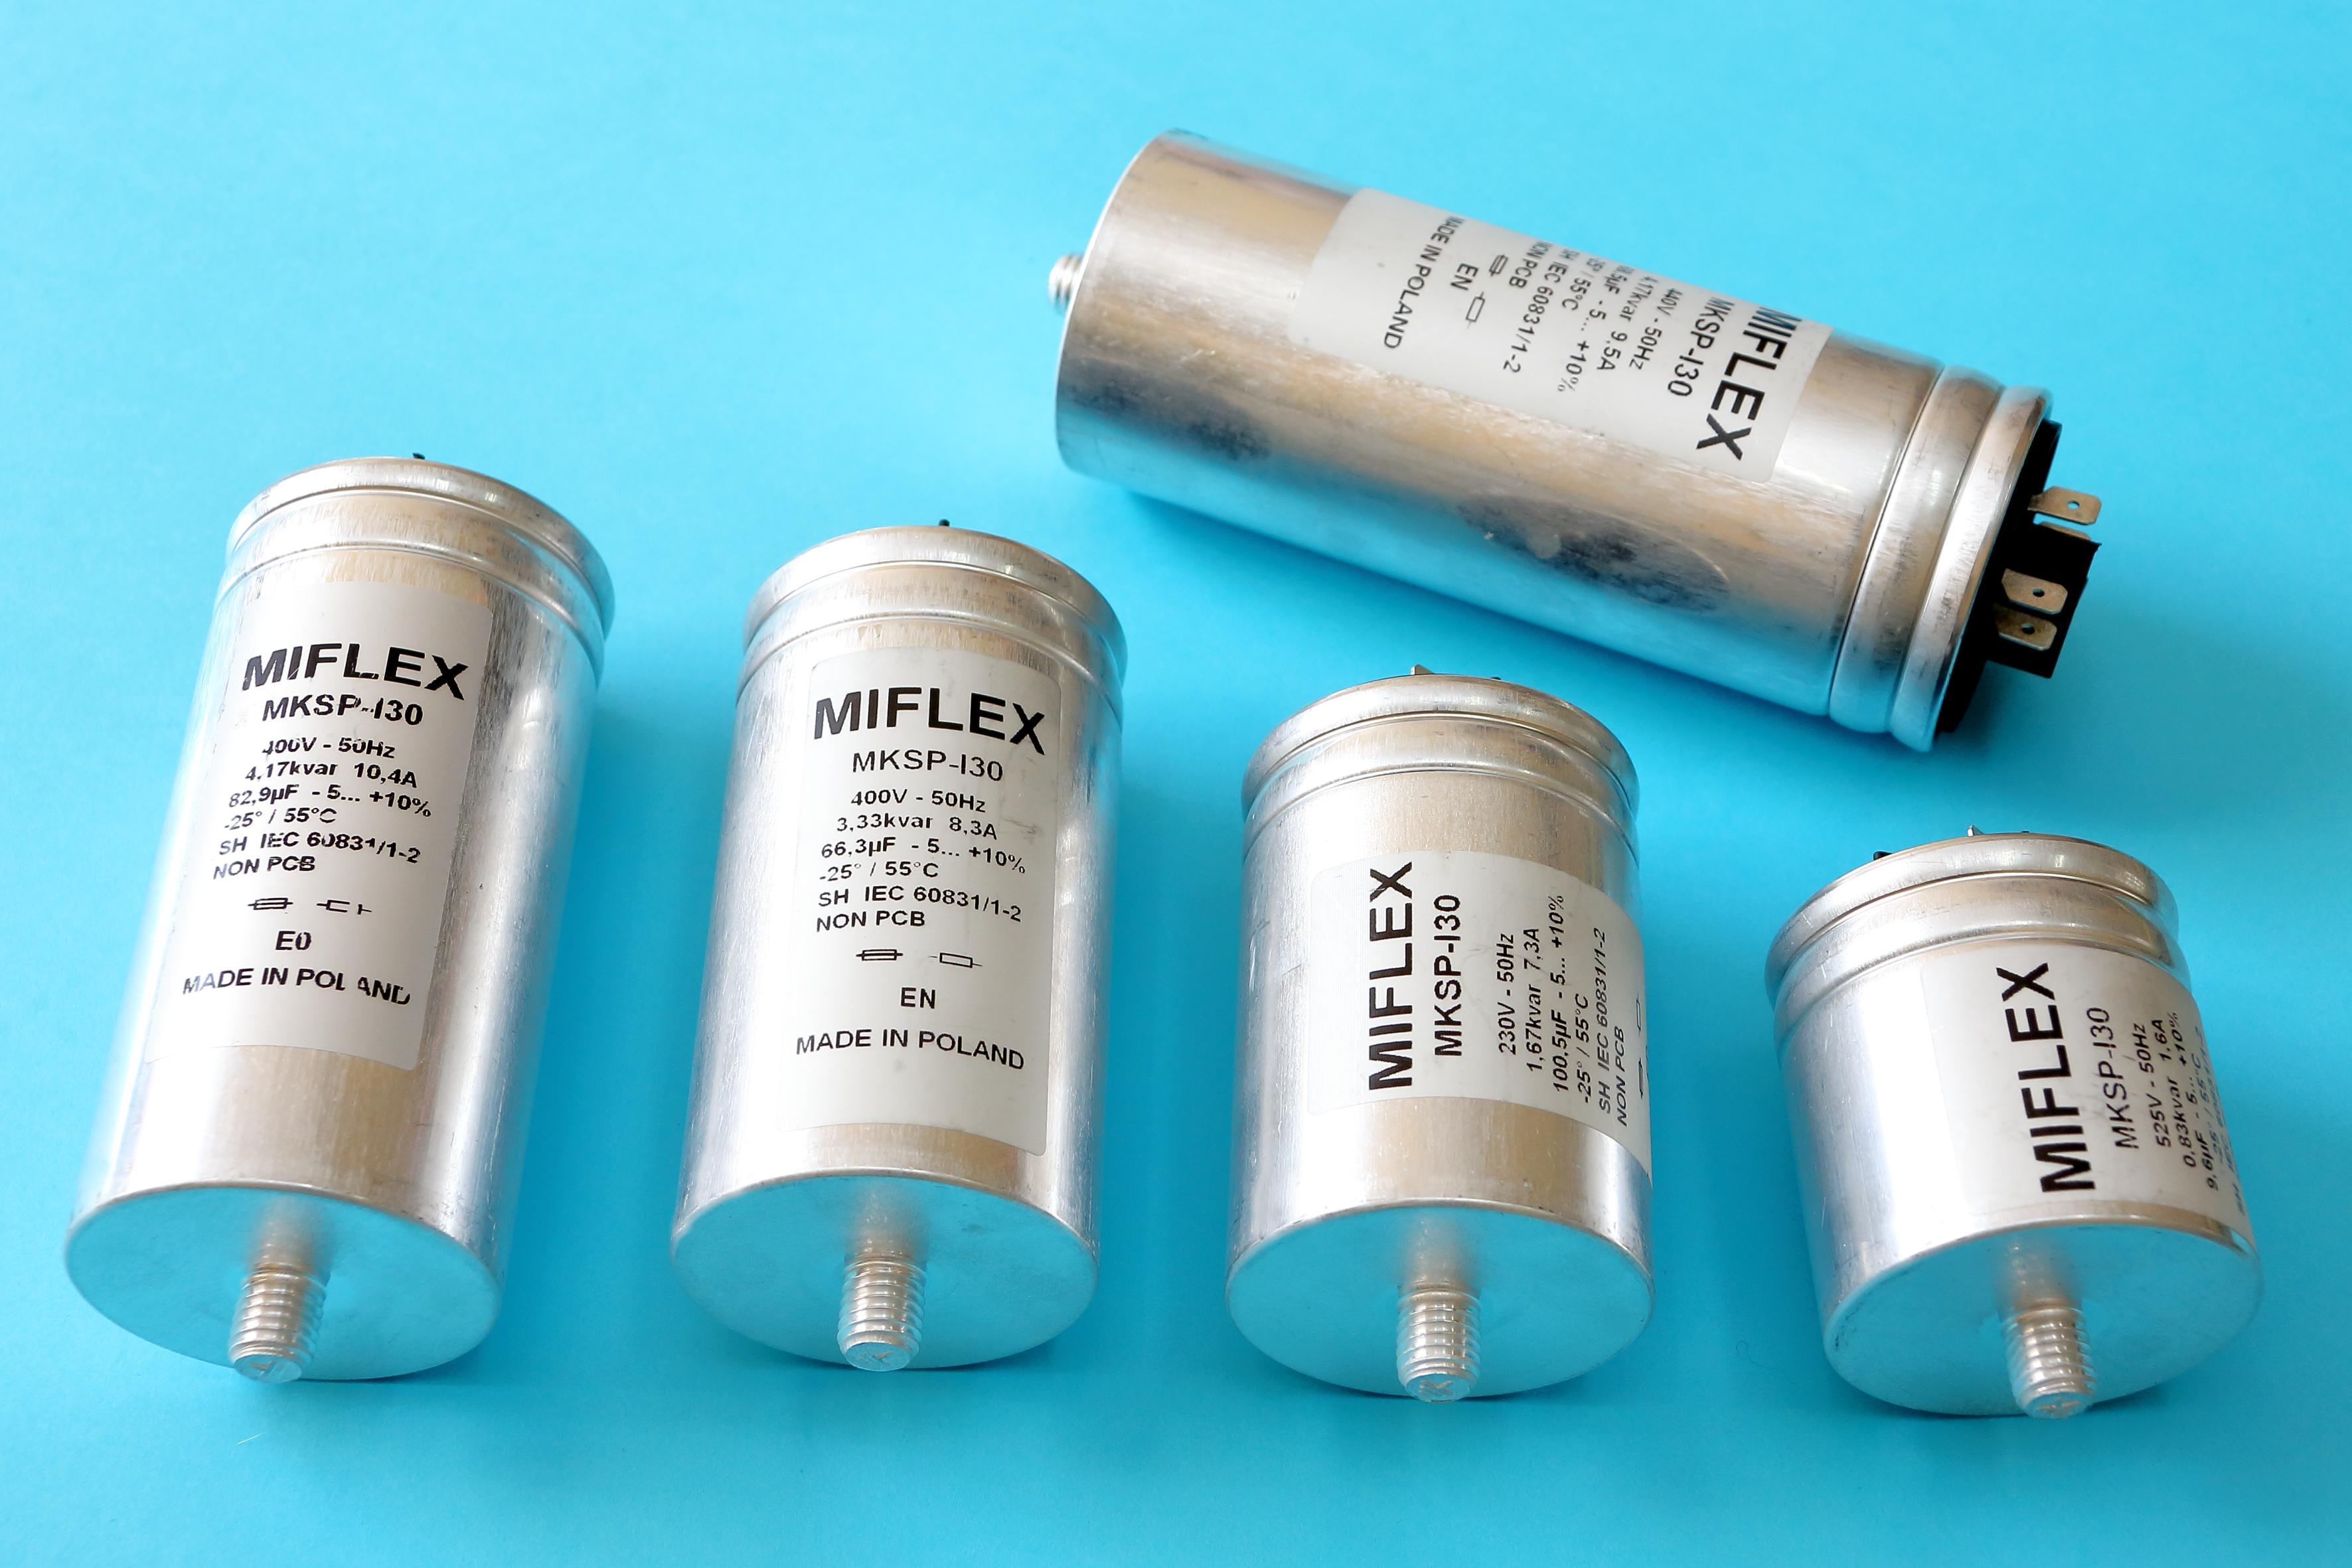 miflex-kondensatory-jednofazowe-do-kompensacji-n1